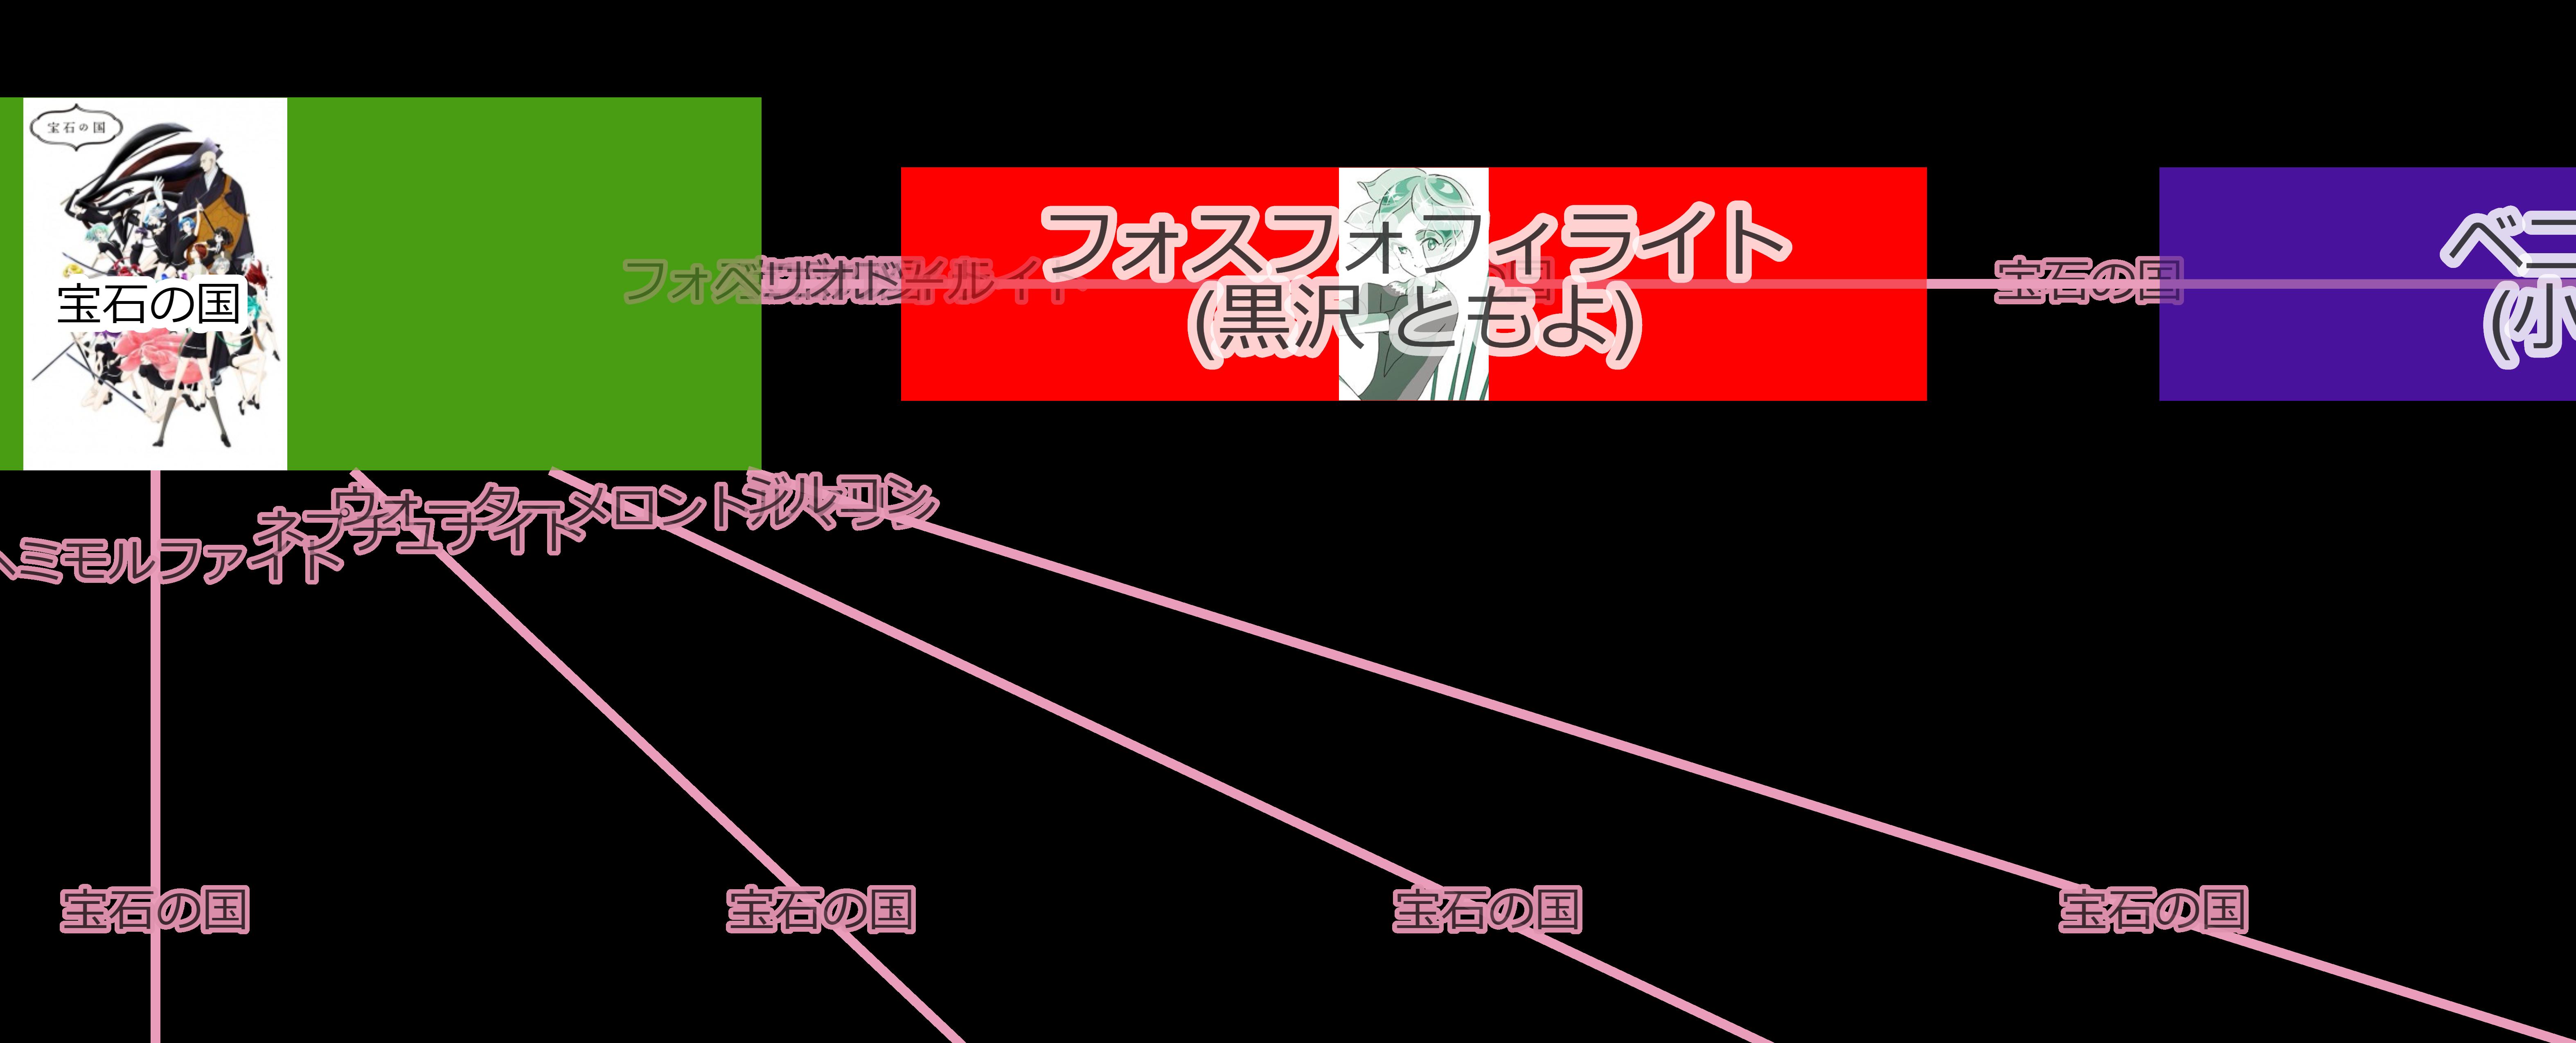 source-text-offset-20